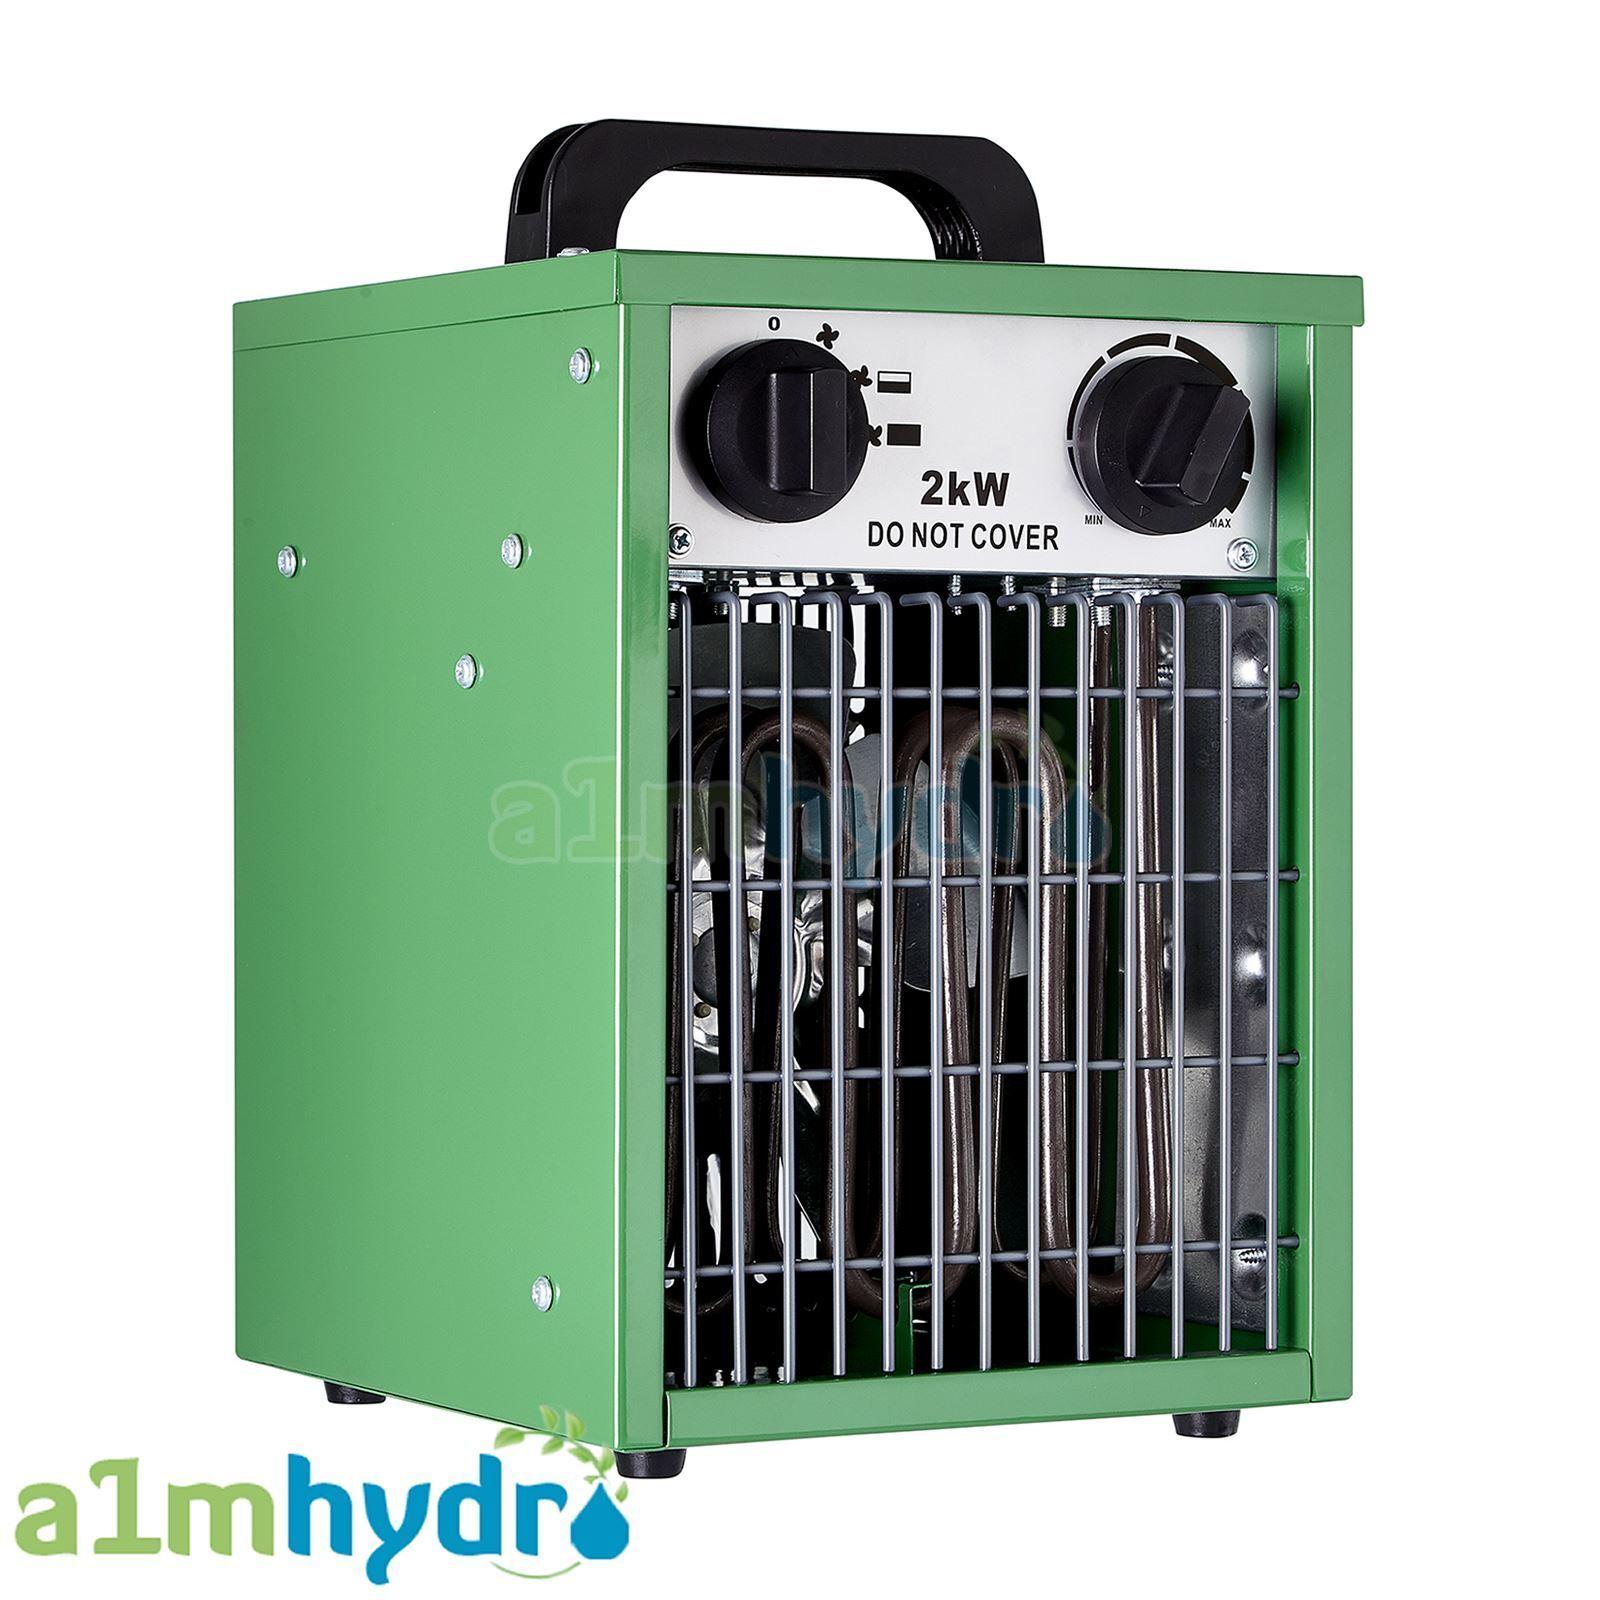 Ventilador Calefactor Eléctrico de efecto invernadero Hydrogarden 2 kW construido en Termostato Hydroponics